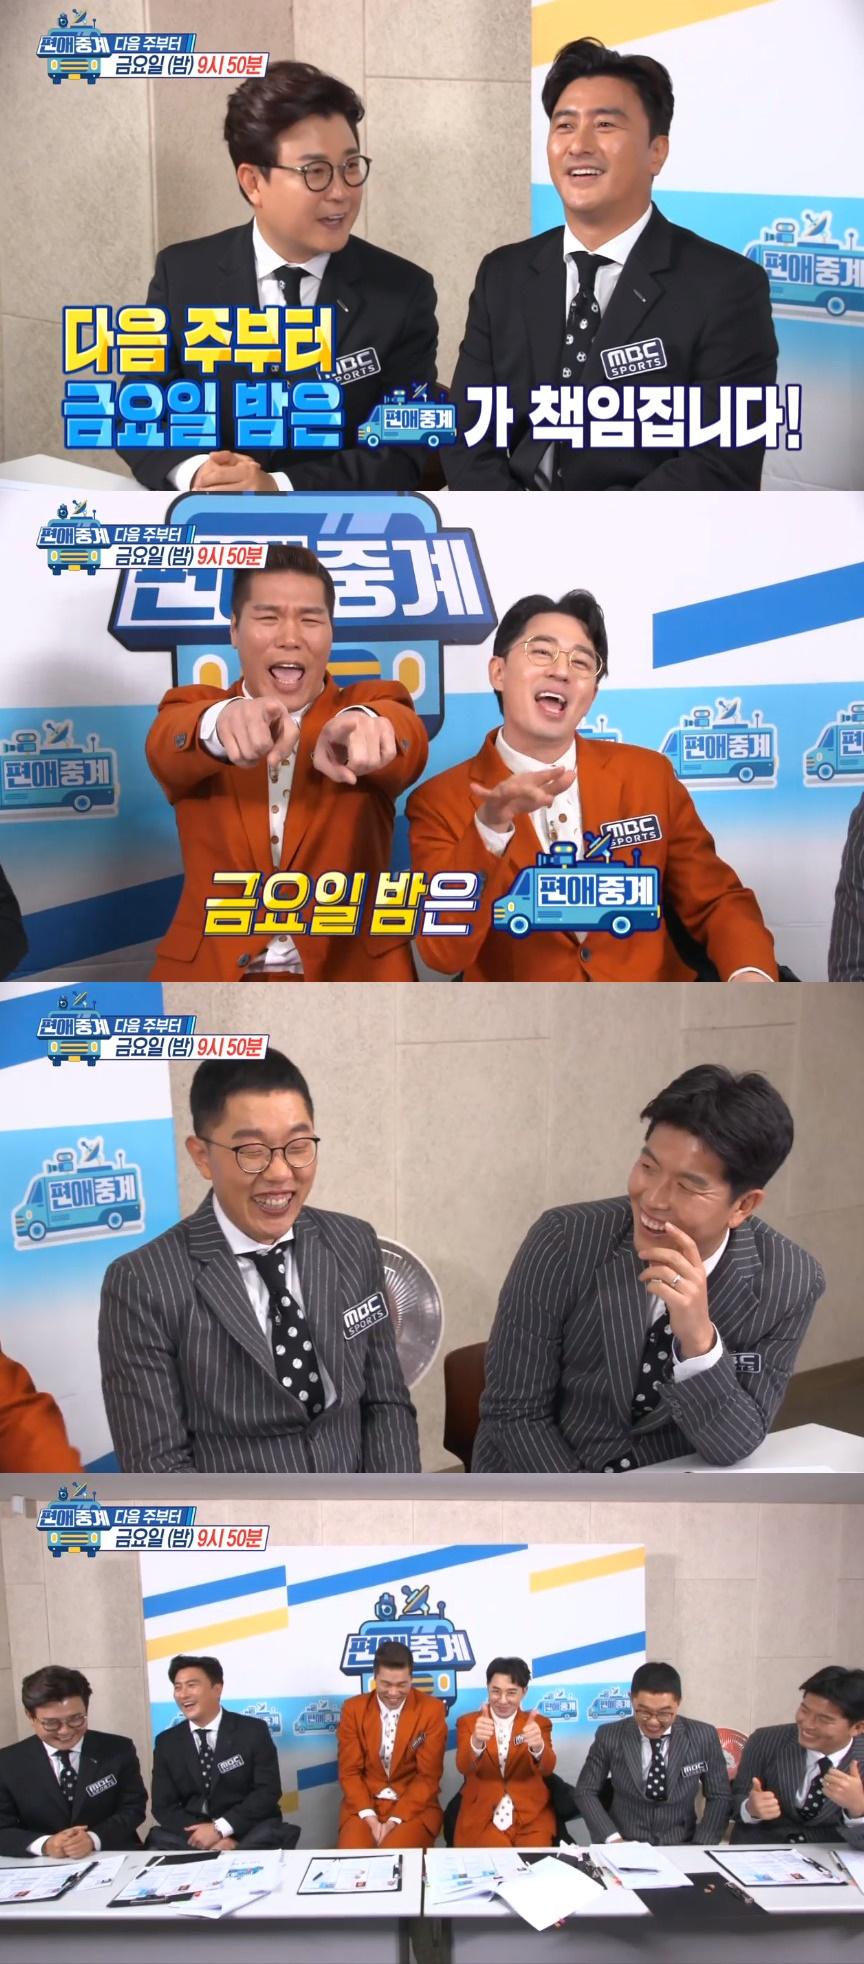 '편애중계' 21일부터 金 편성이동… Friday Night ♬ 금요일에 만나요!